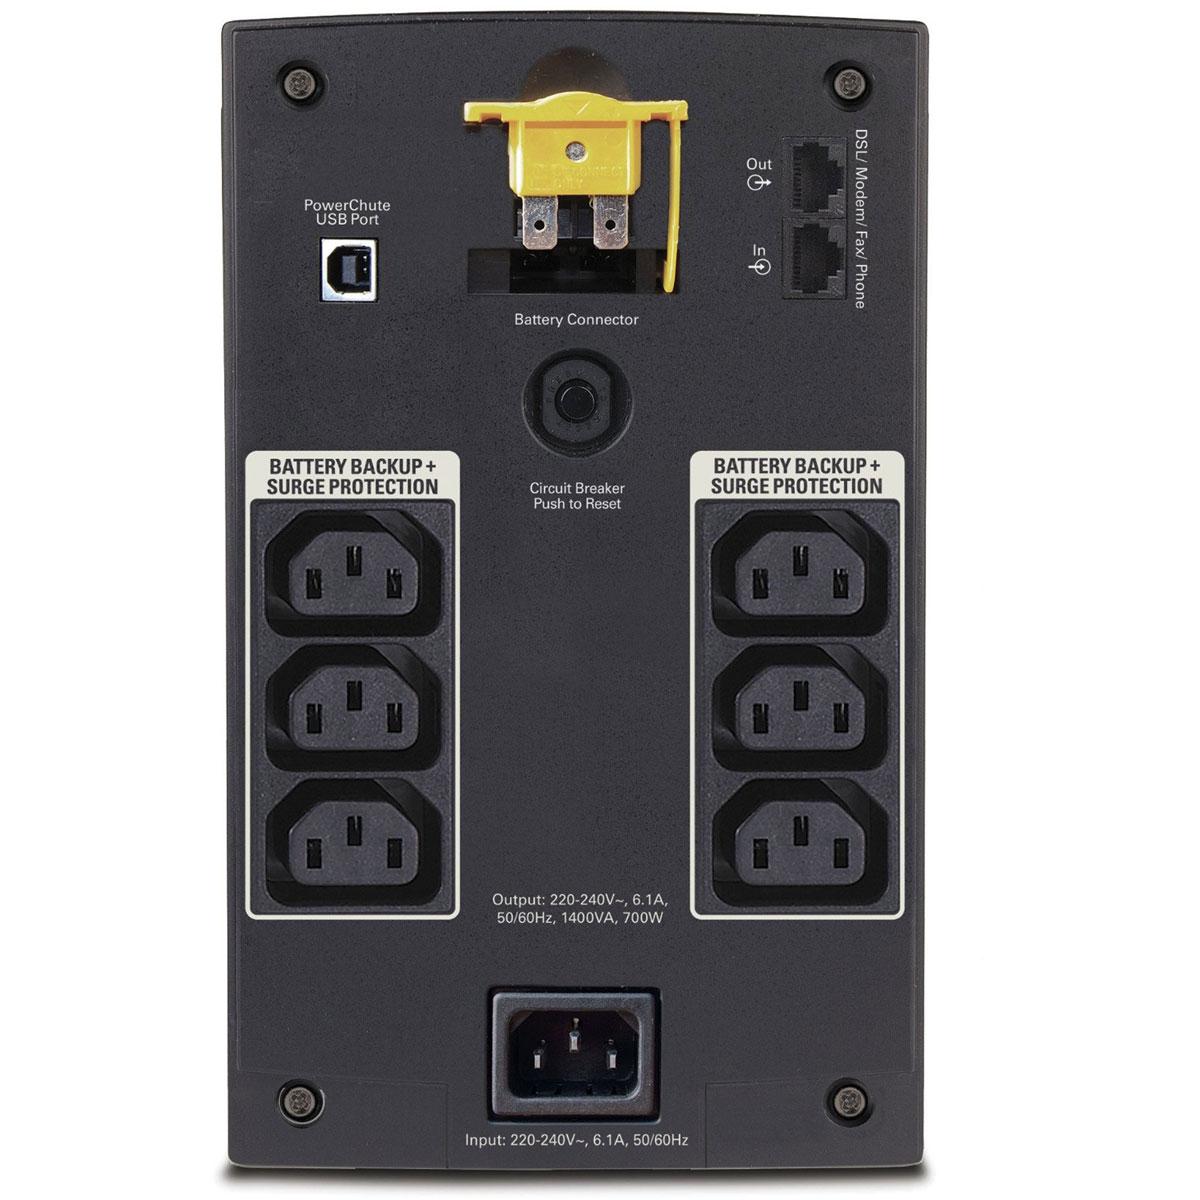 BX1400UI - 6 x IEC - Onduleur APC - Cybertek.fr - 1